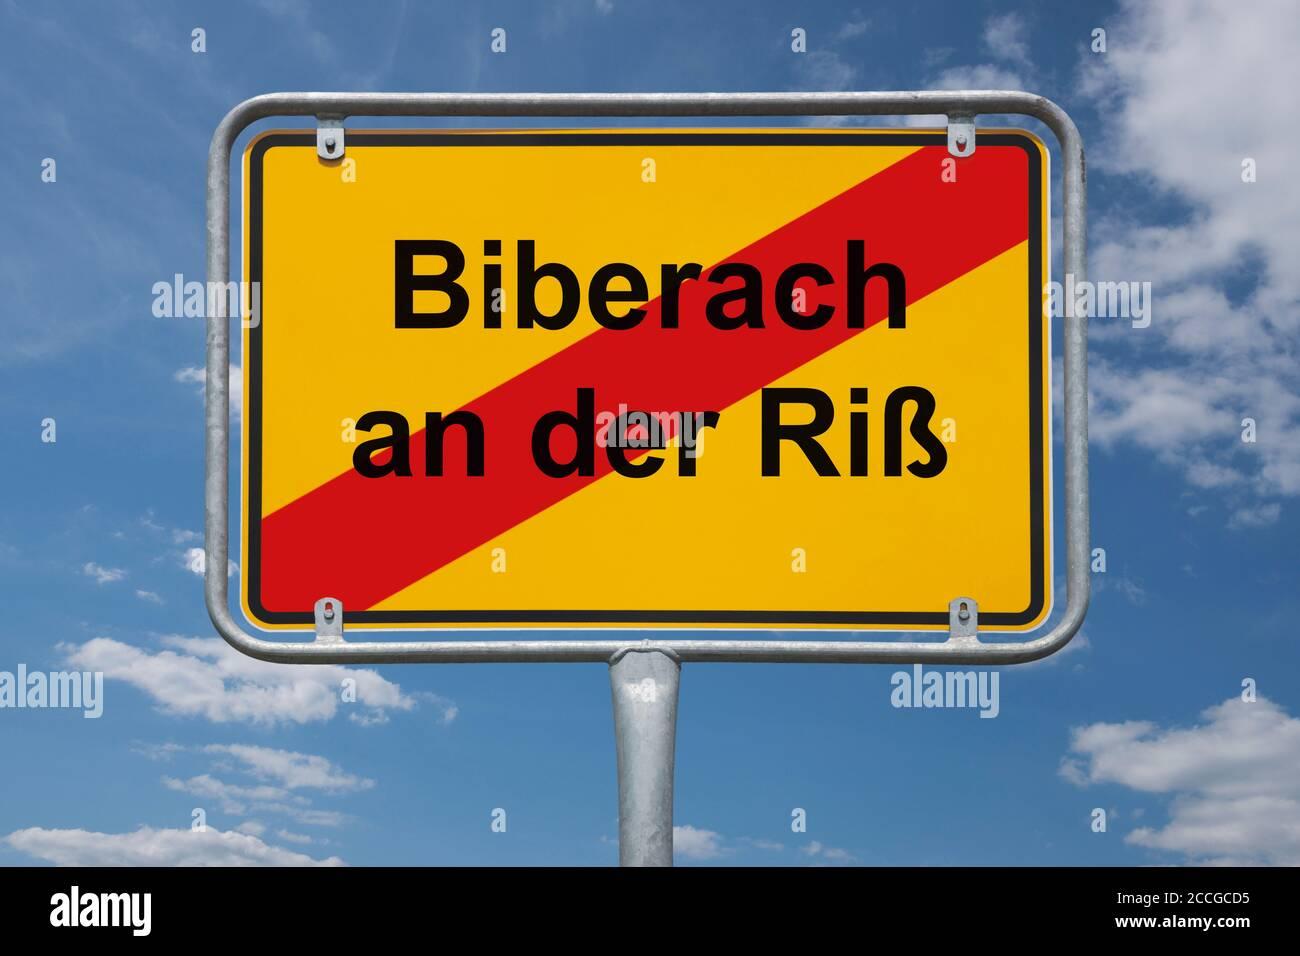 Ortstafel Biberach an der Riß, Baden-Württemberg, Deutschland | Place name sign Biberach an der Riß, Baden-Württemberg, Germany, Europe Stock Photo